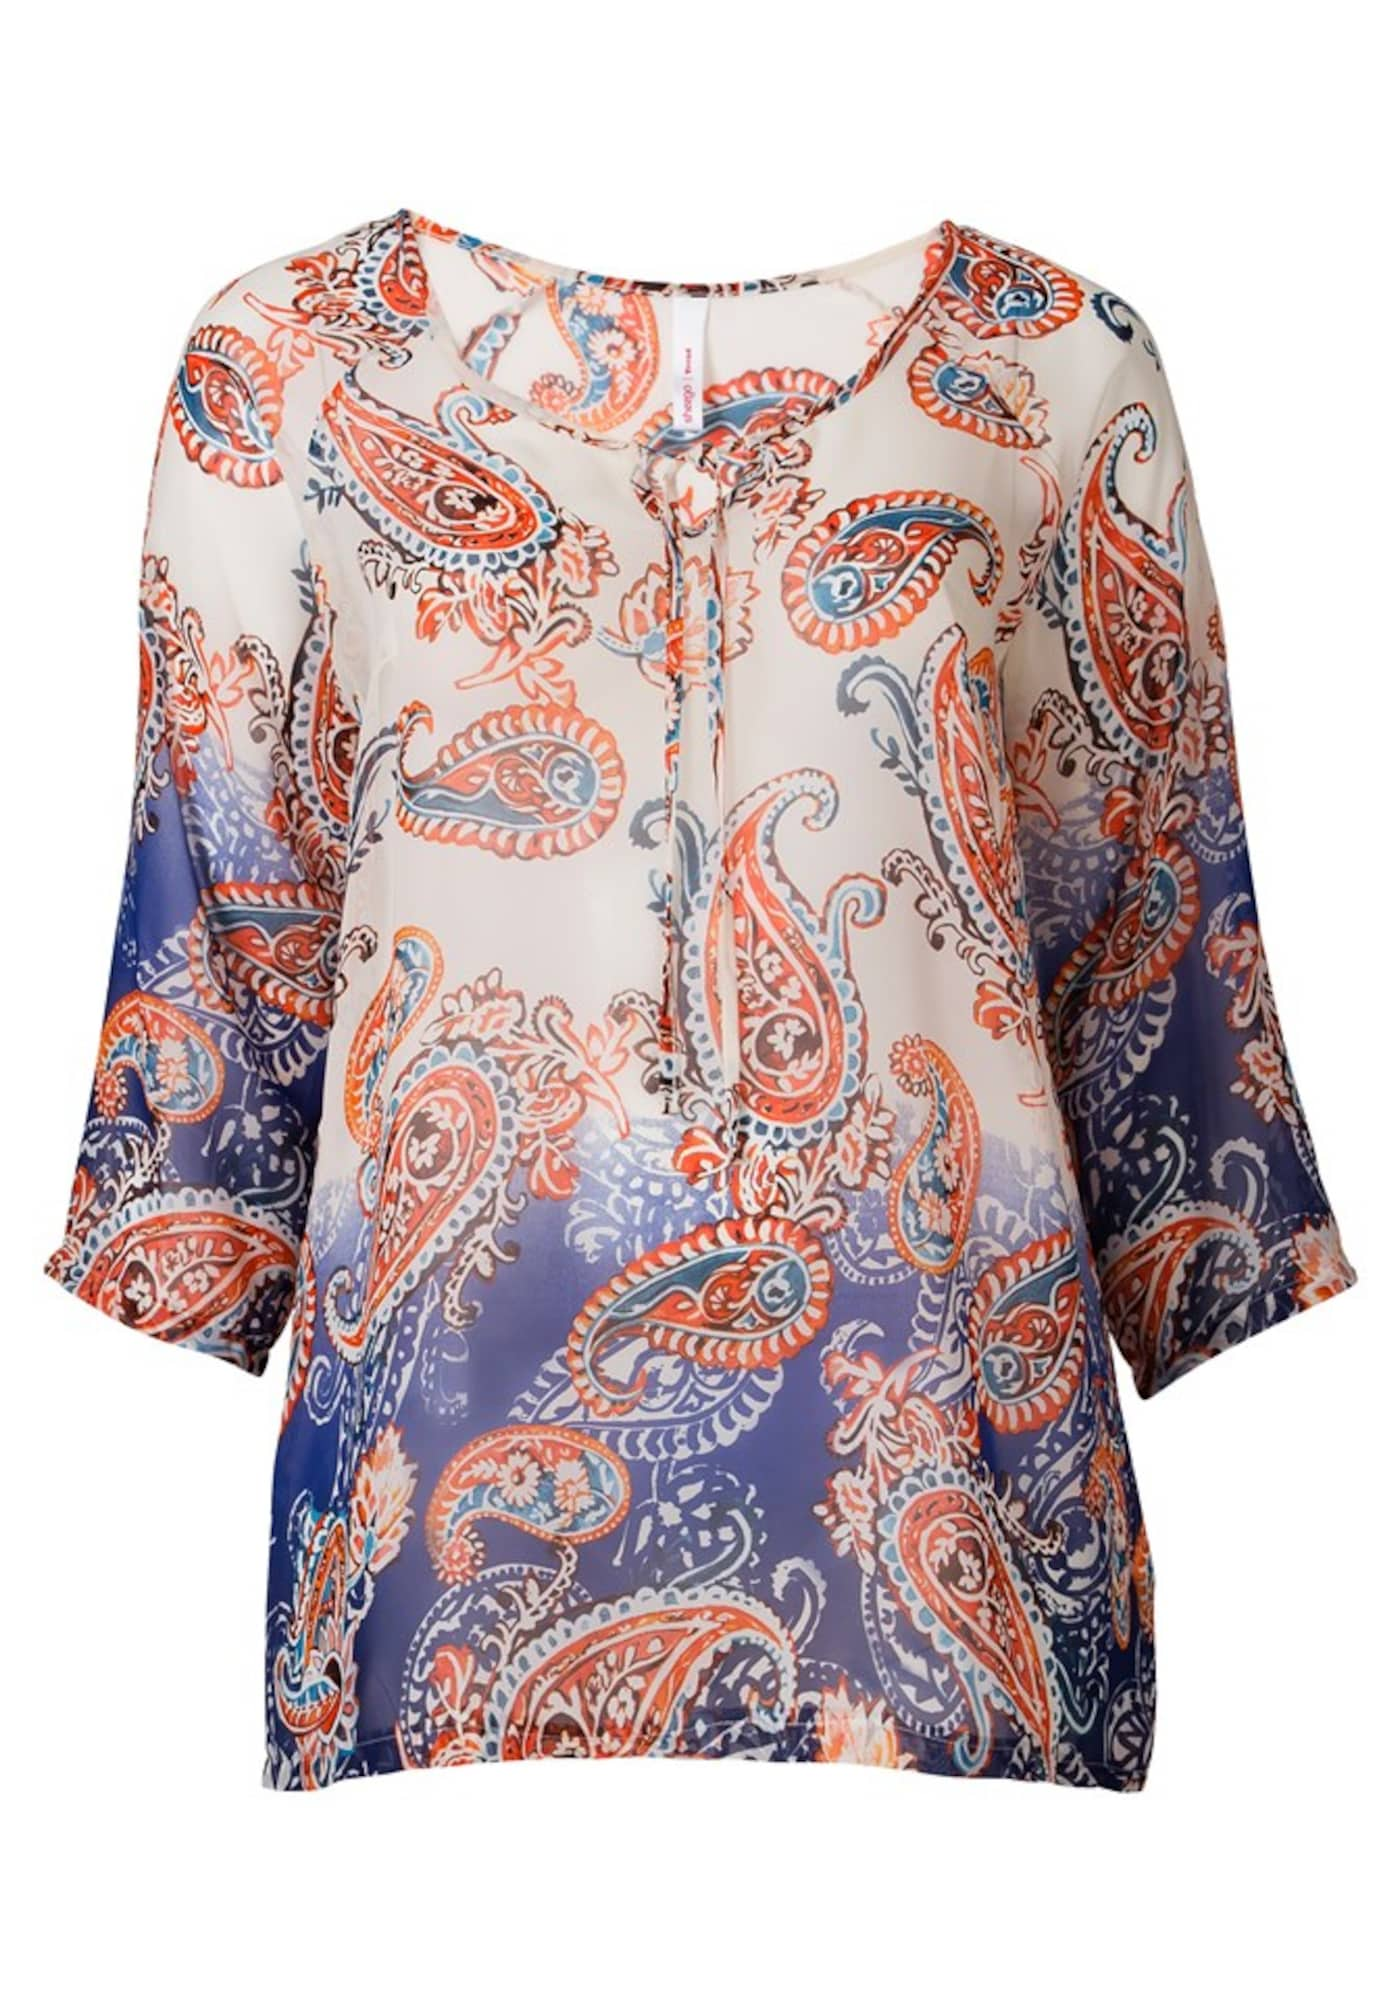 Trend Tunika mit 3/4 Ärmel   Bekleidung > Tuniken   Blau - Weiß   Sheego Trend